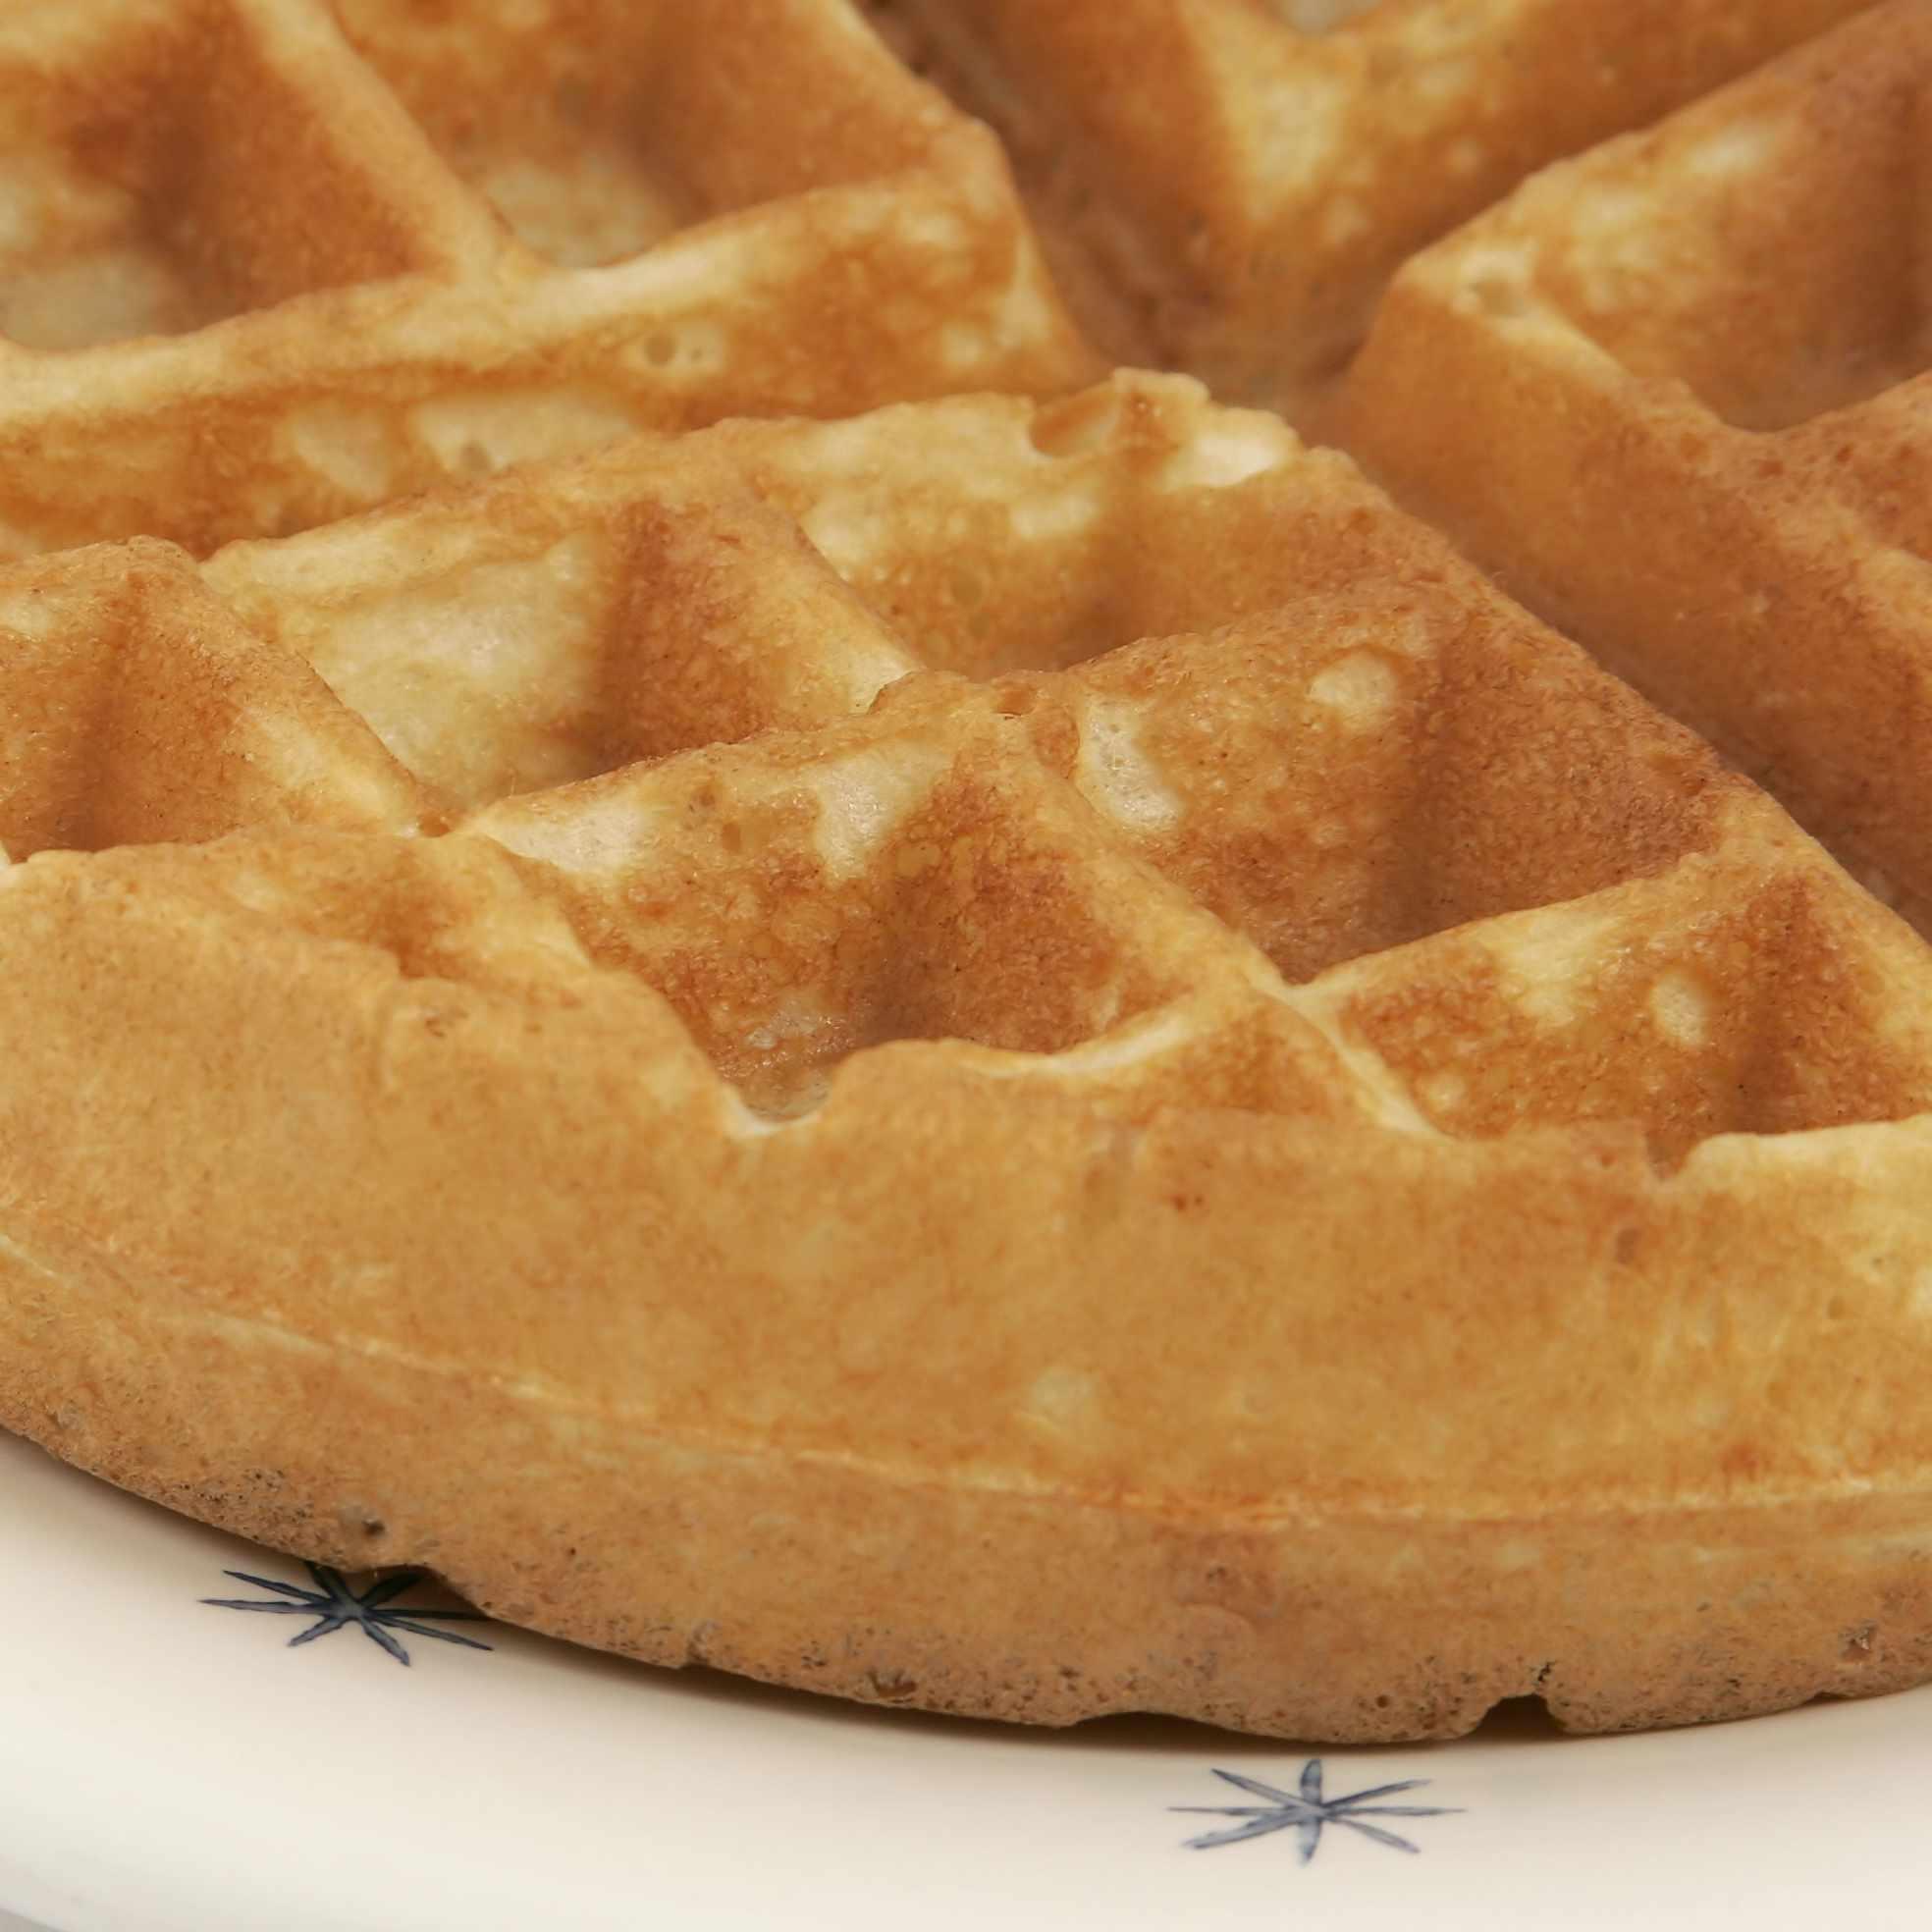 a plate of breakfast waffles